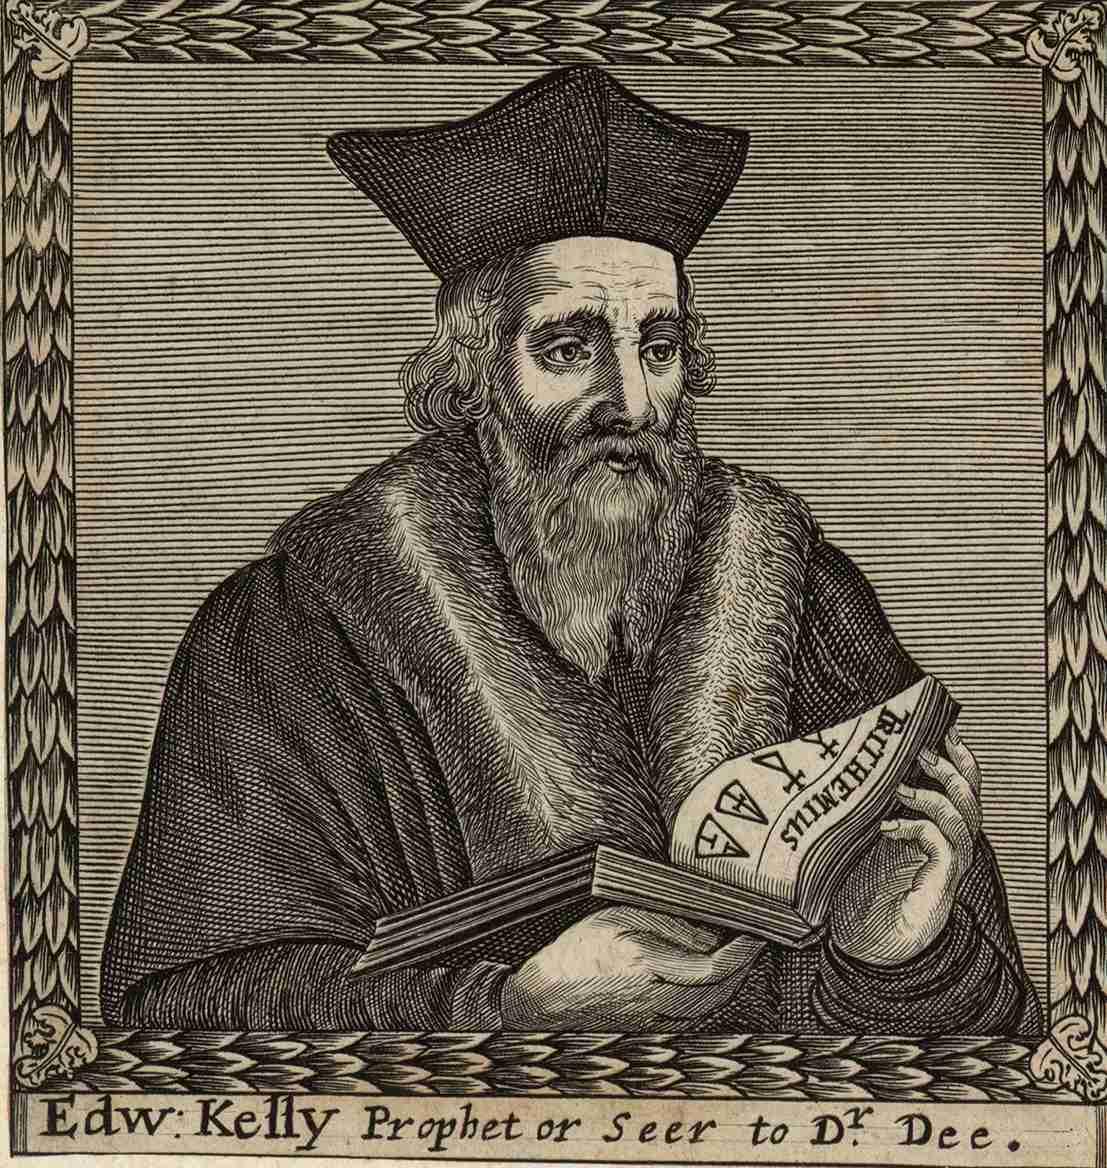 Edward kelley